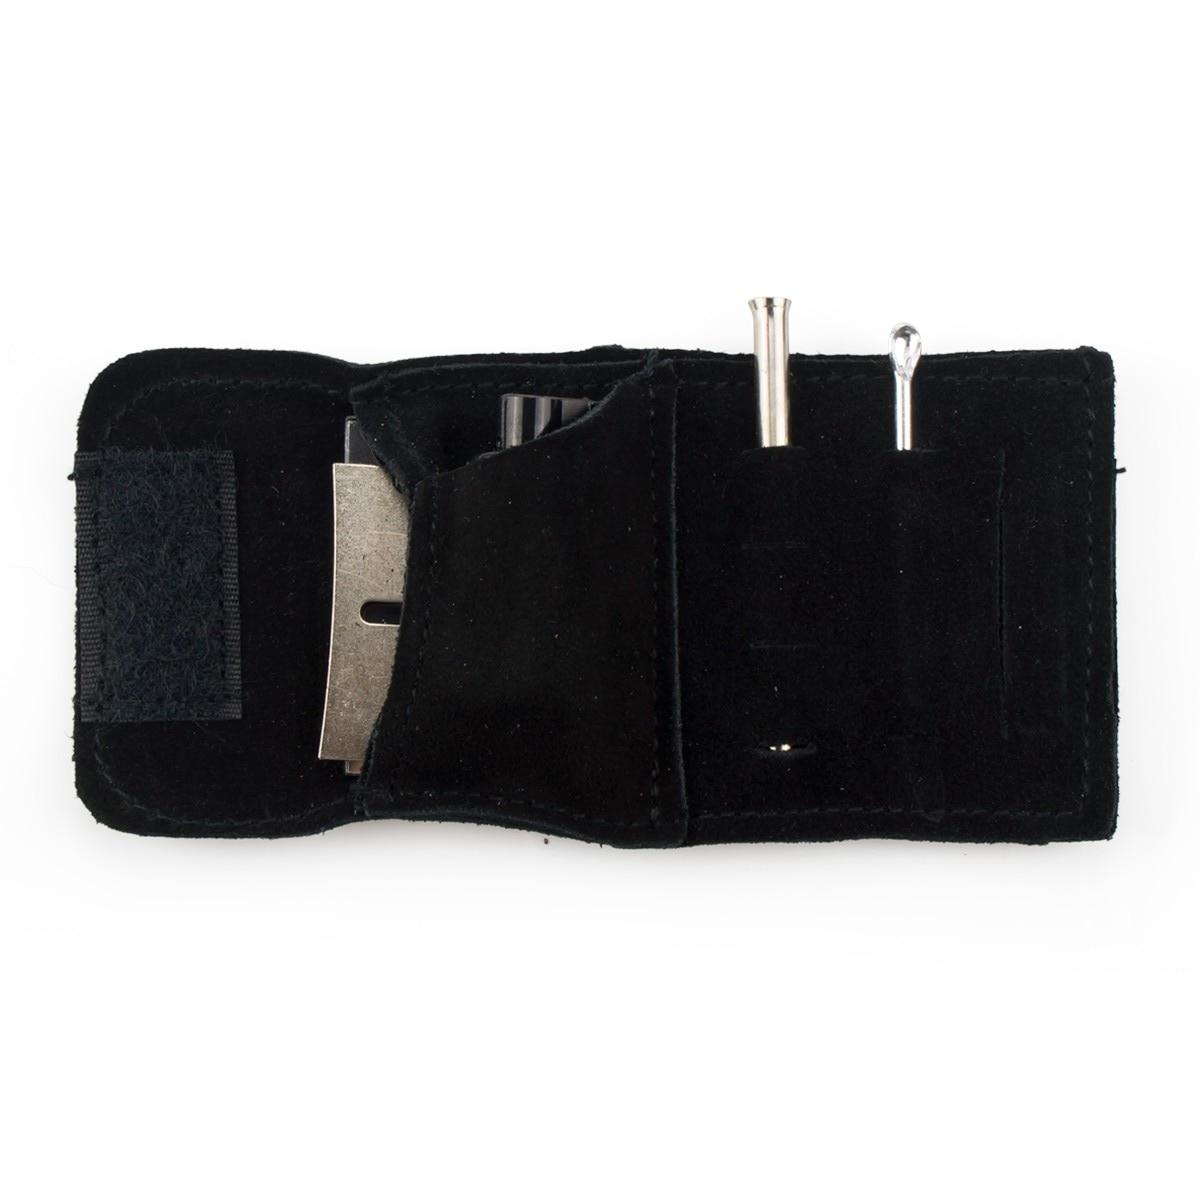 Formax420 13.5mm X 6.5mm di Piccola Dimensione Pelle Scamosciata Kit kit Sniffer Da Fiuto Snorter Tubo Dosatore Polvere